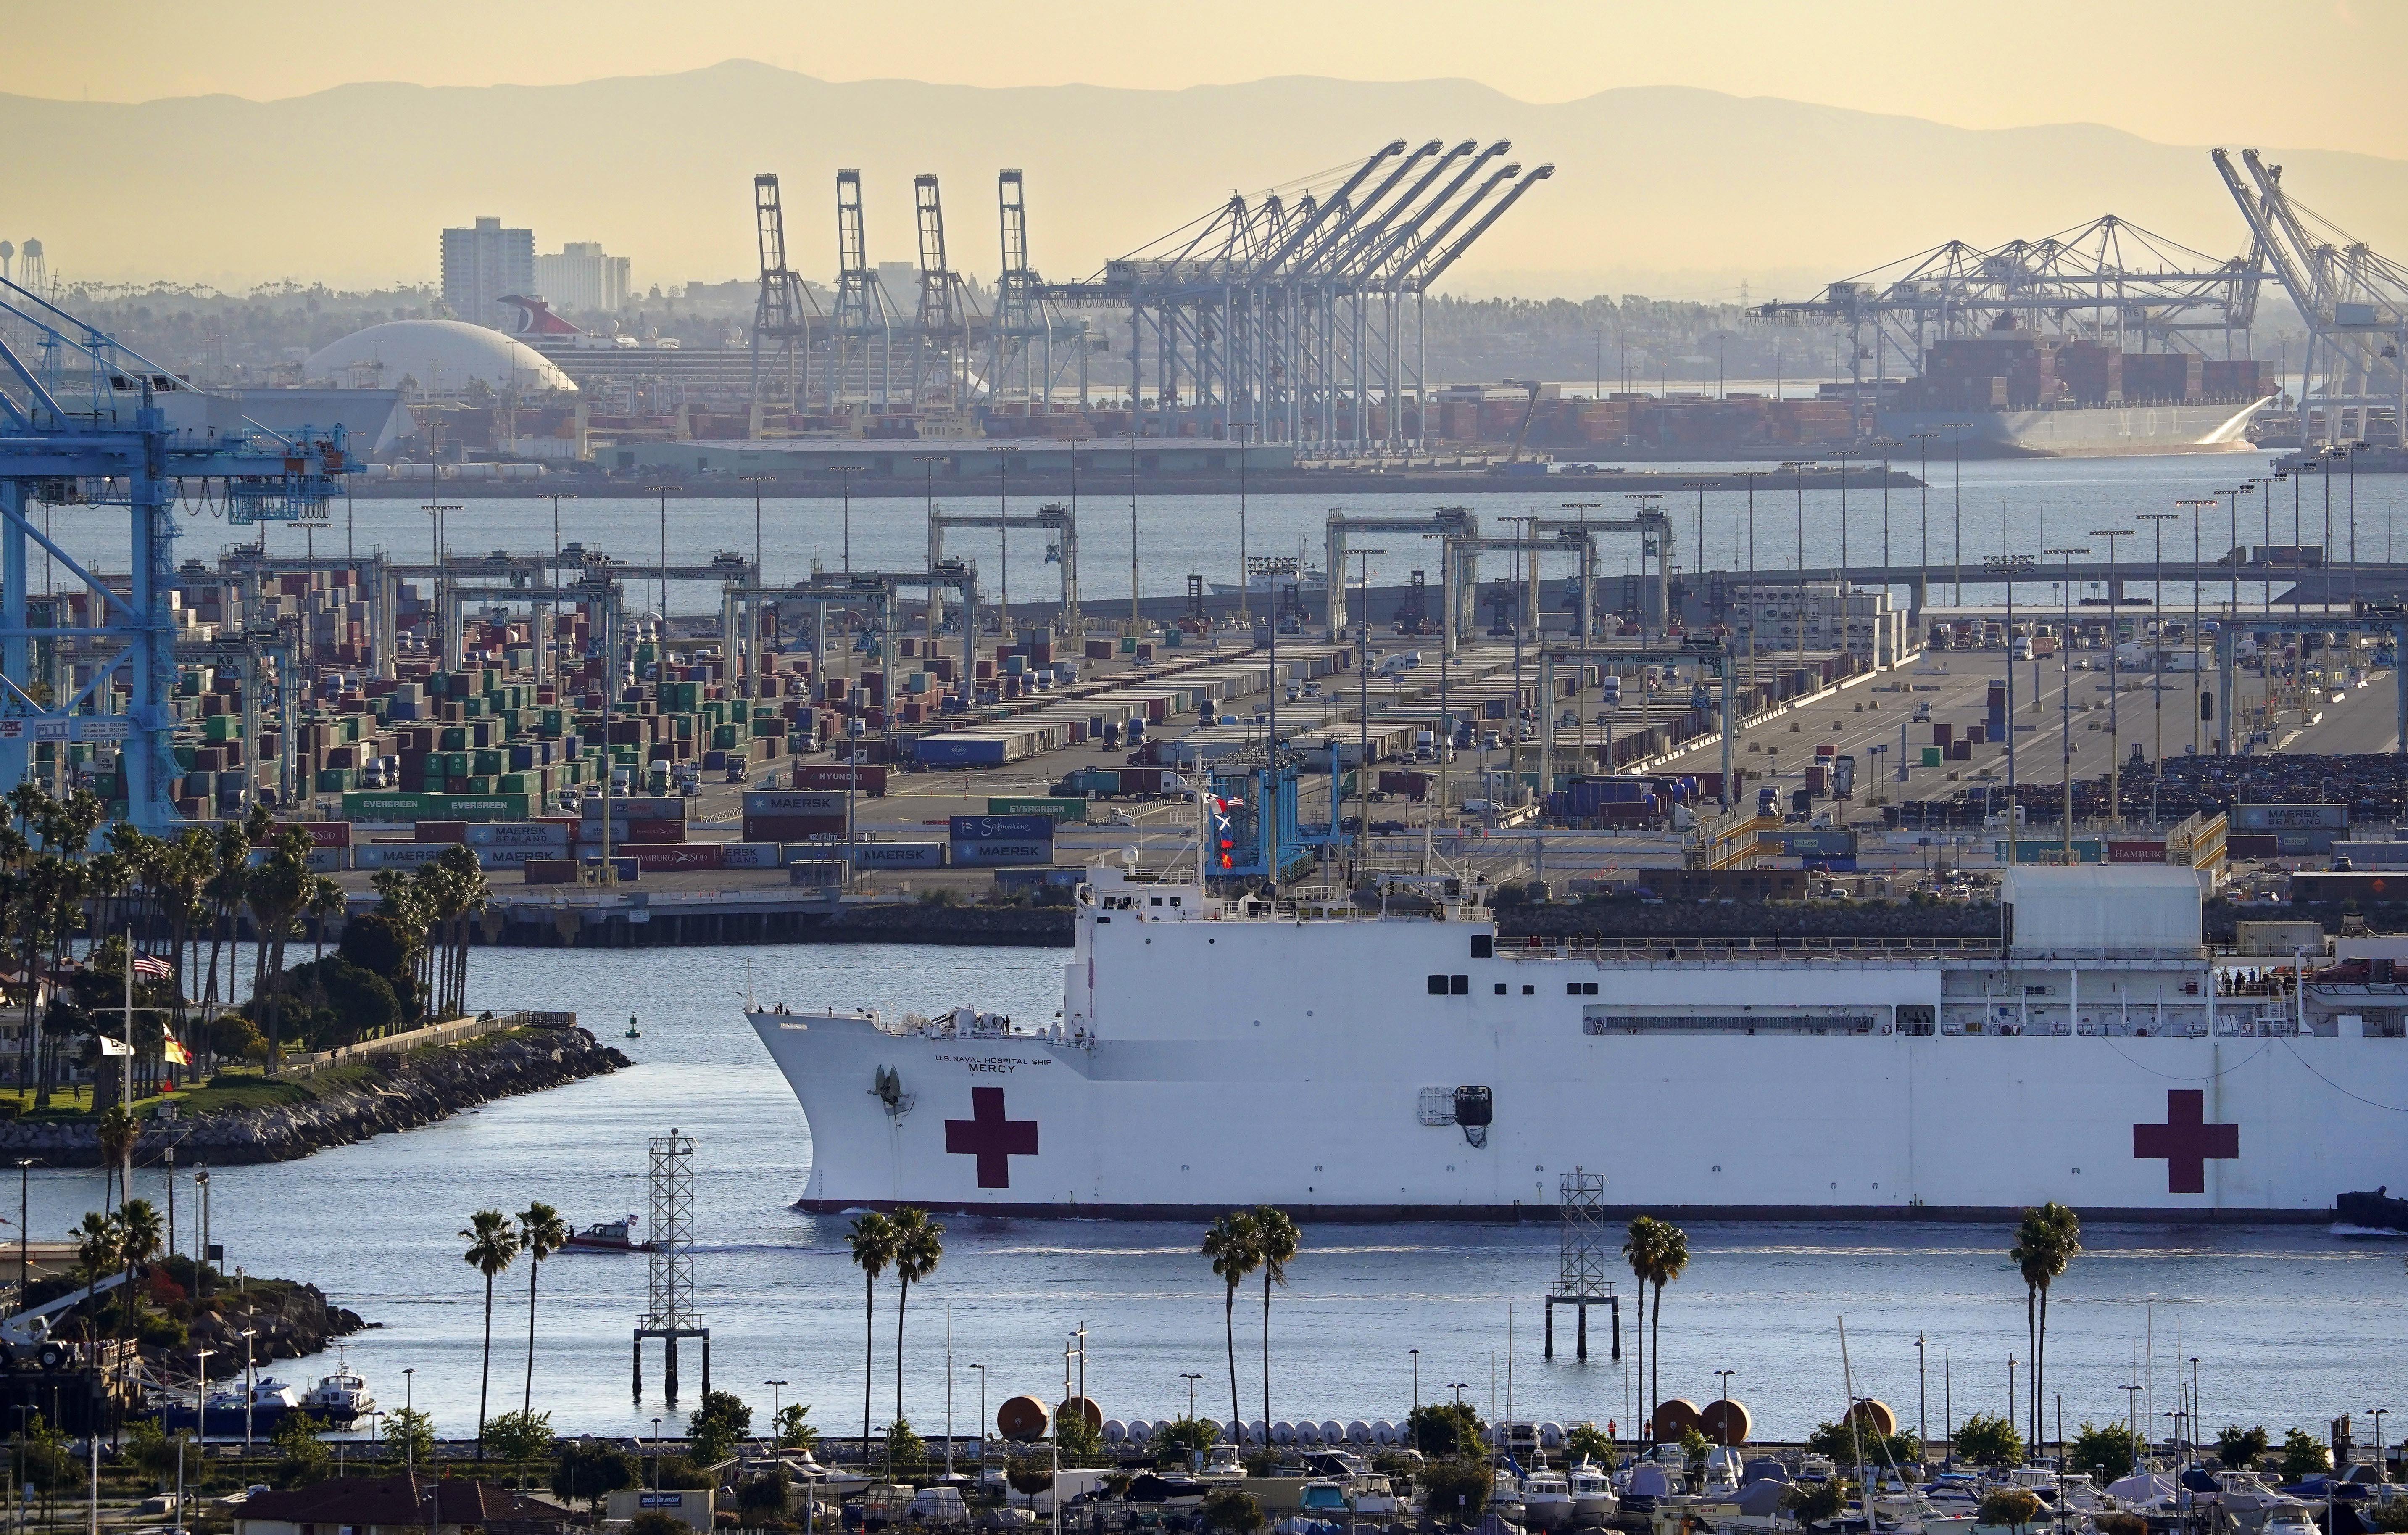 Vonattal próbált nekihajtani az amerikai haditengerészet kórházhajójának egy gyanakvó vasutas